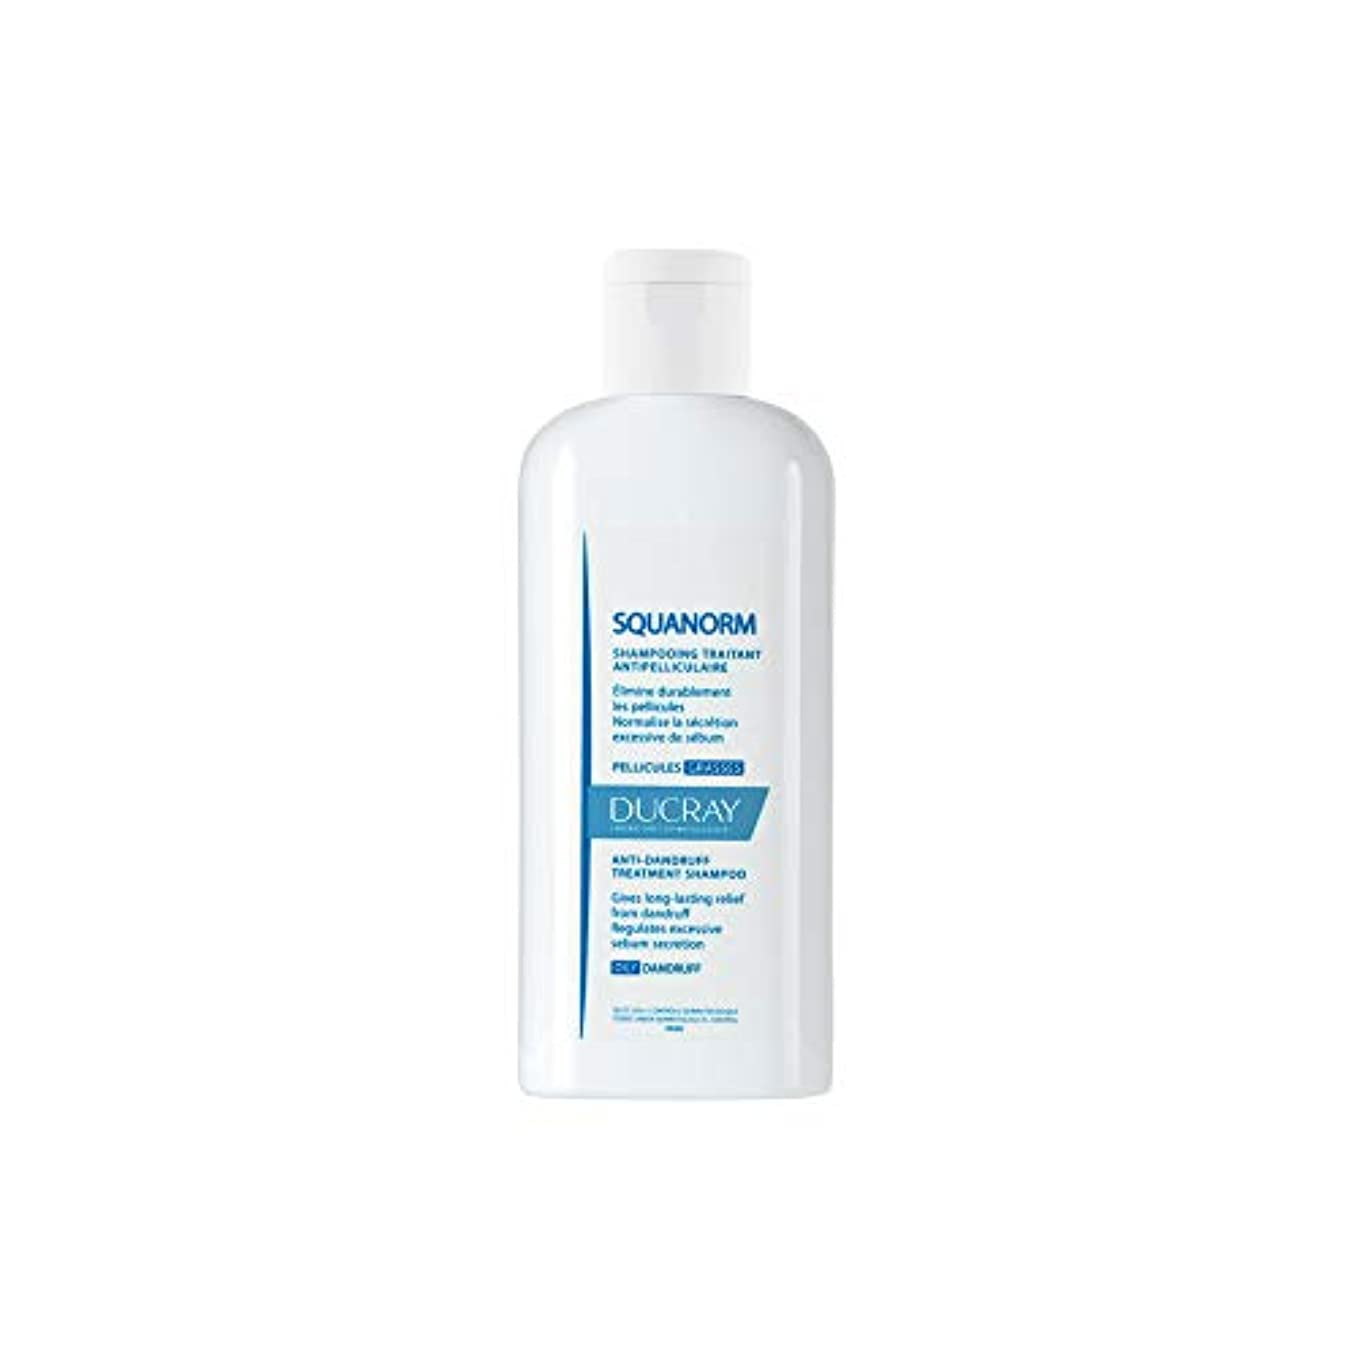 サイドボードアカウントバルコニーDucray Squanorm Anti Oily Dandruff Shampoo 200ml by Ducray [並行輸入品]